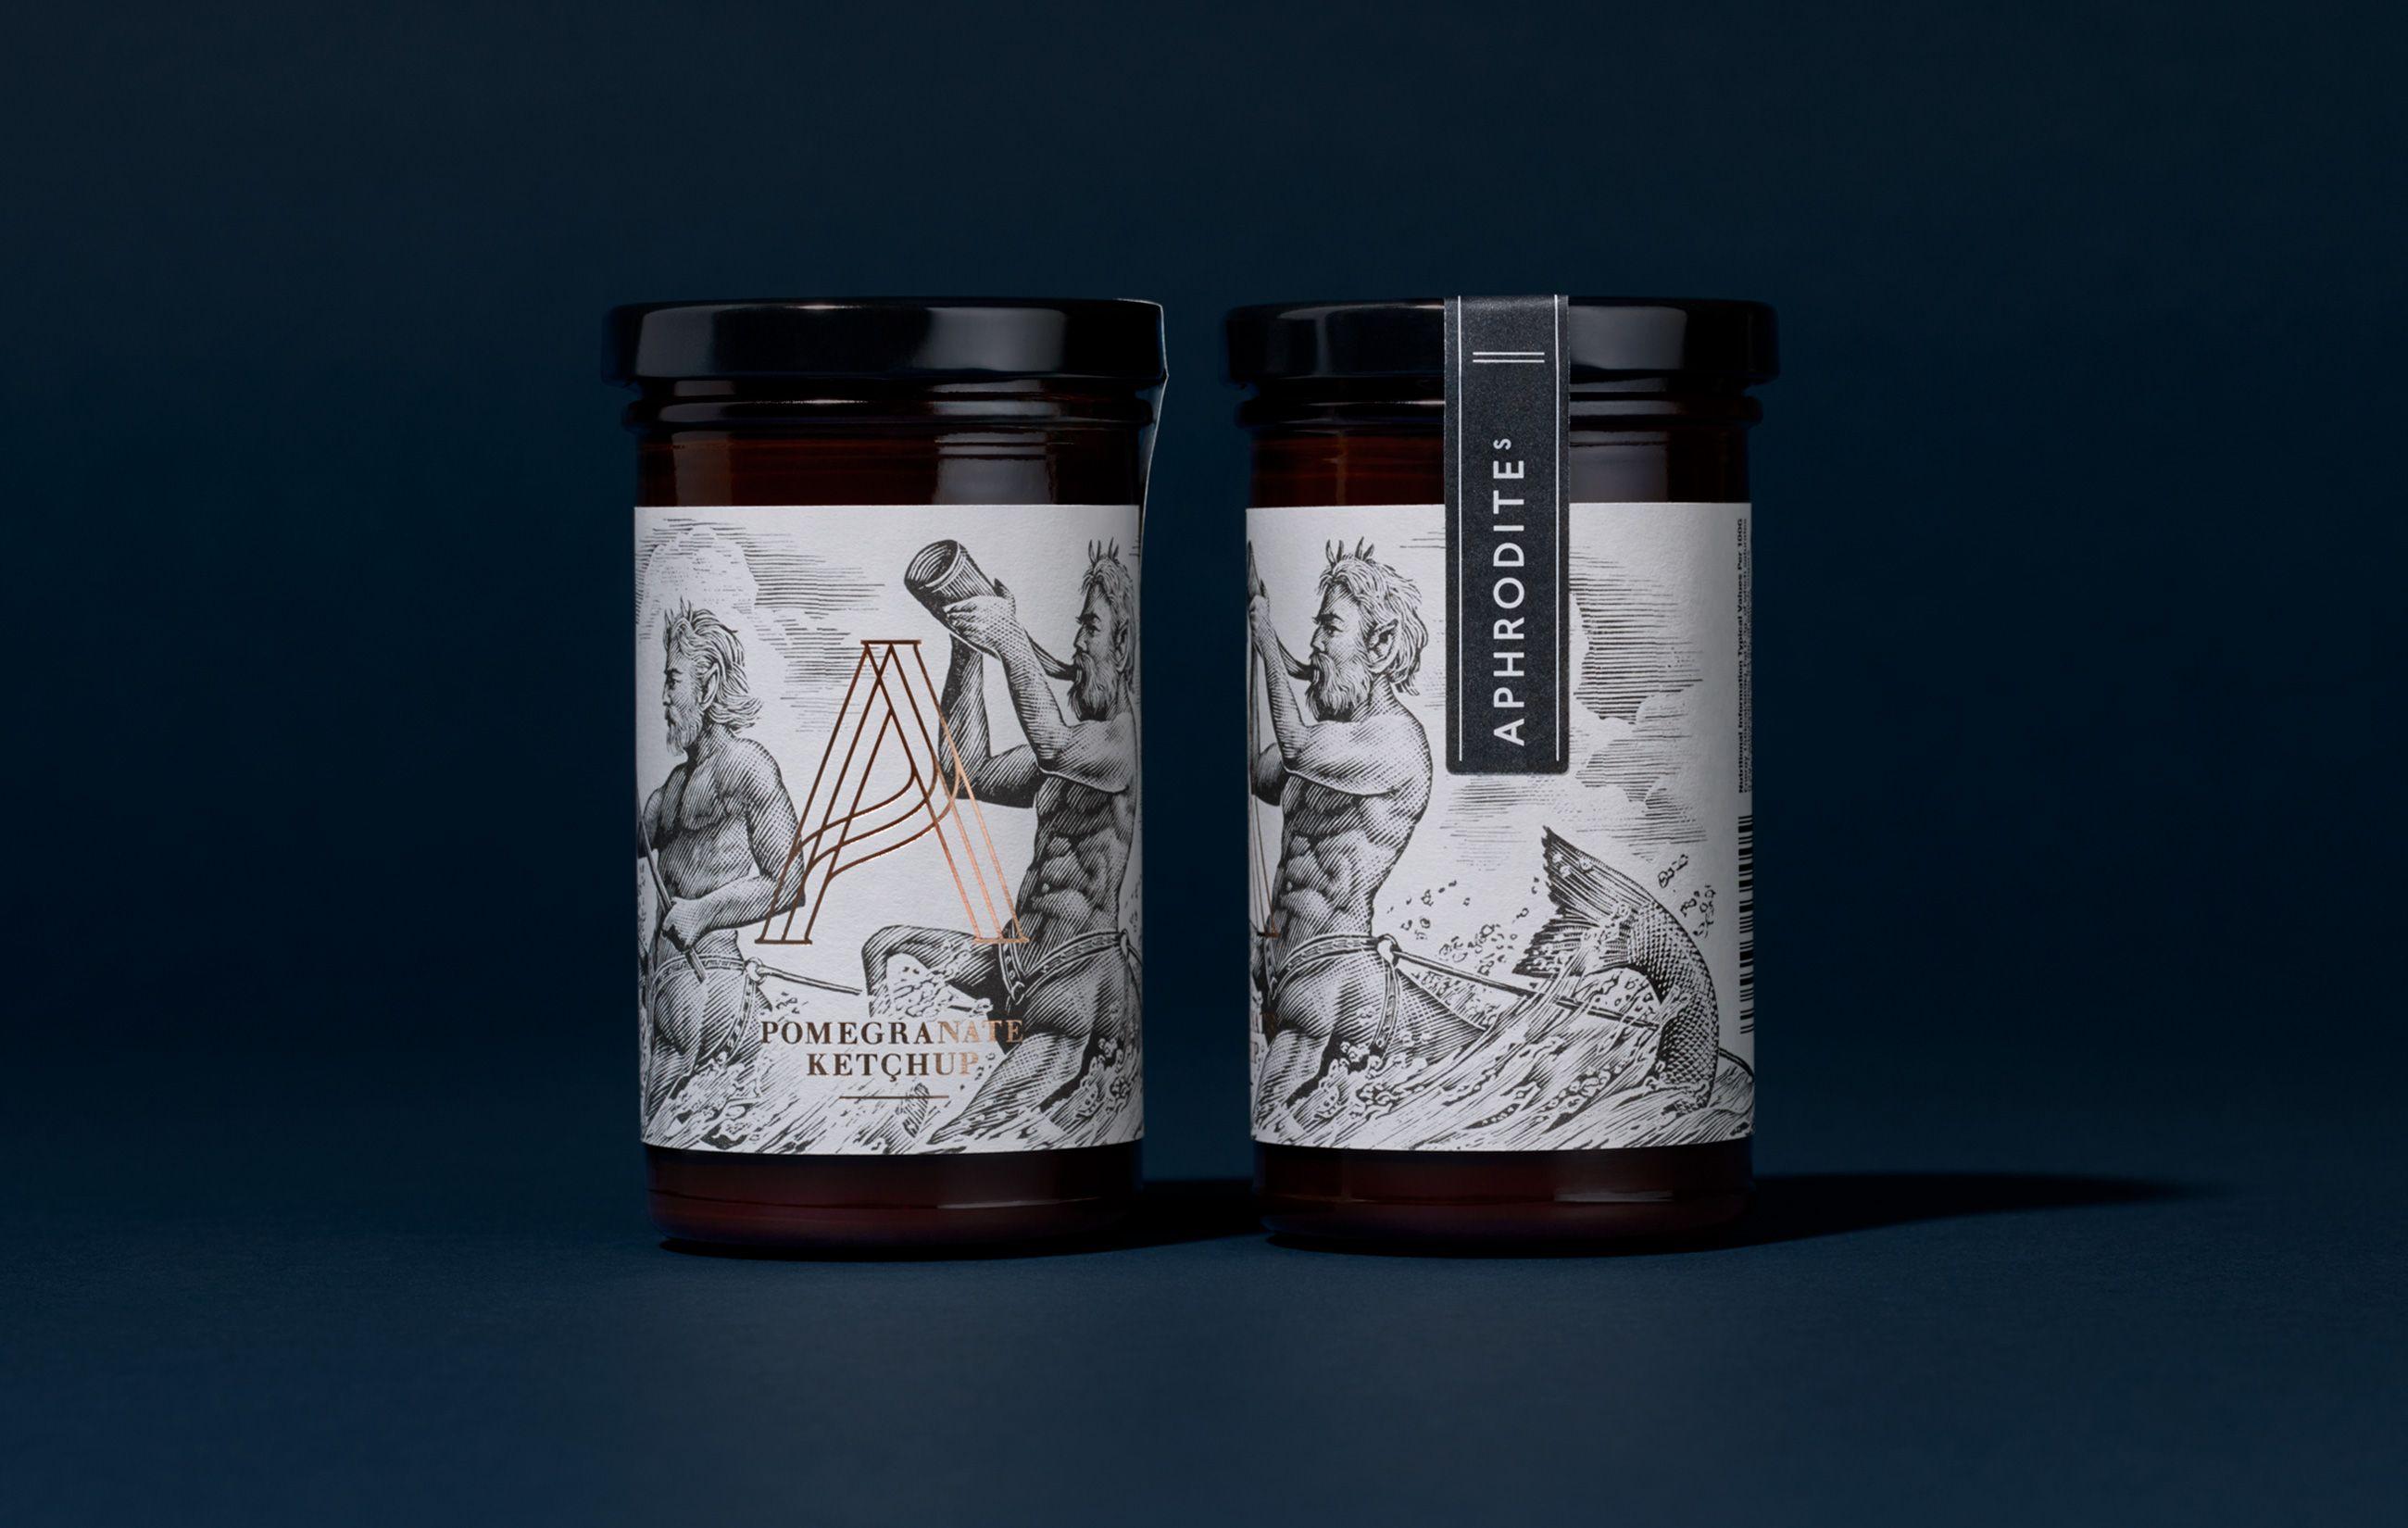 Aphrodite's / Design / Packaging / Jar / Label / Illustration / Gold Foil / Premium / Mythology / Wood Cut / Pomegranate Ketchup